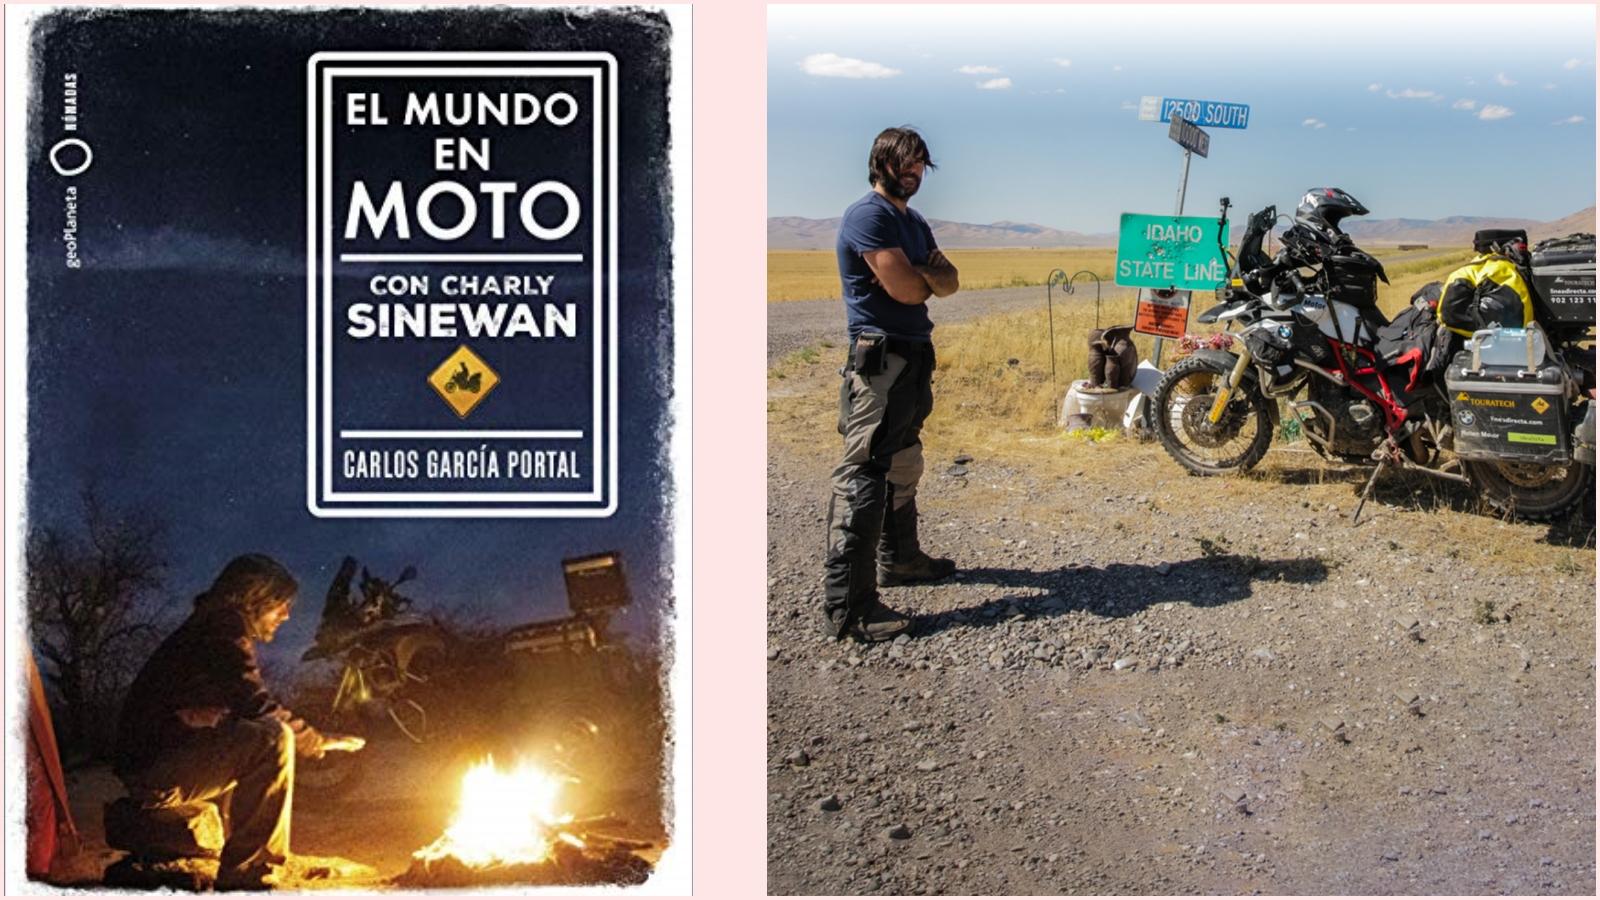 El mundo en moto con Charlie Sinewan / Carlos García Portal